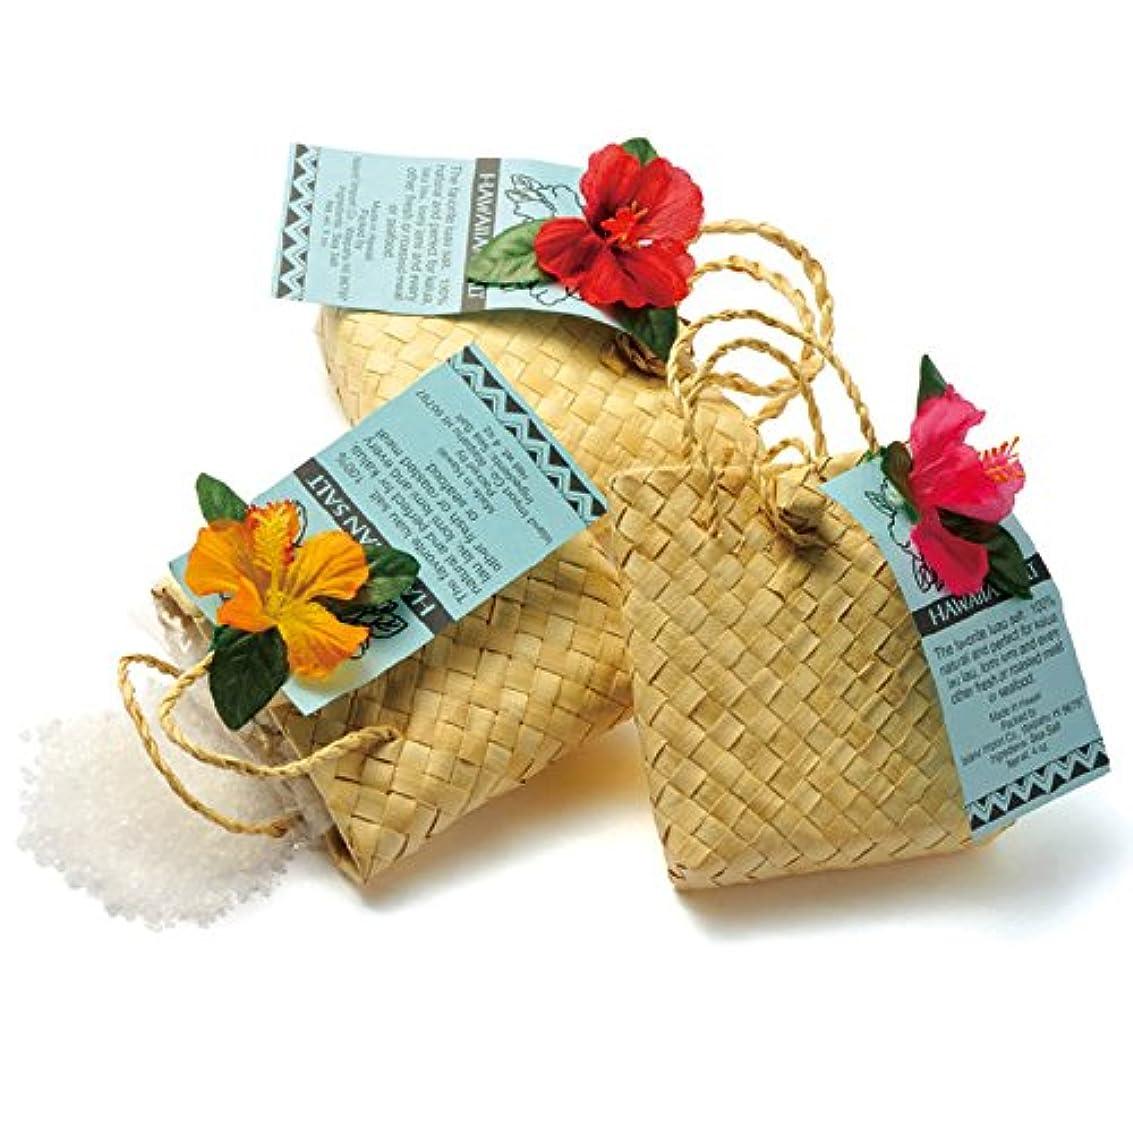 エンジニアリングズボンリネンハワイ 土産 ハワイ ソルトバッグ入り 3袋セット (海外旅行 ハワイ お土産)